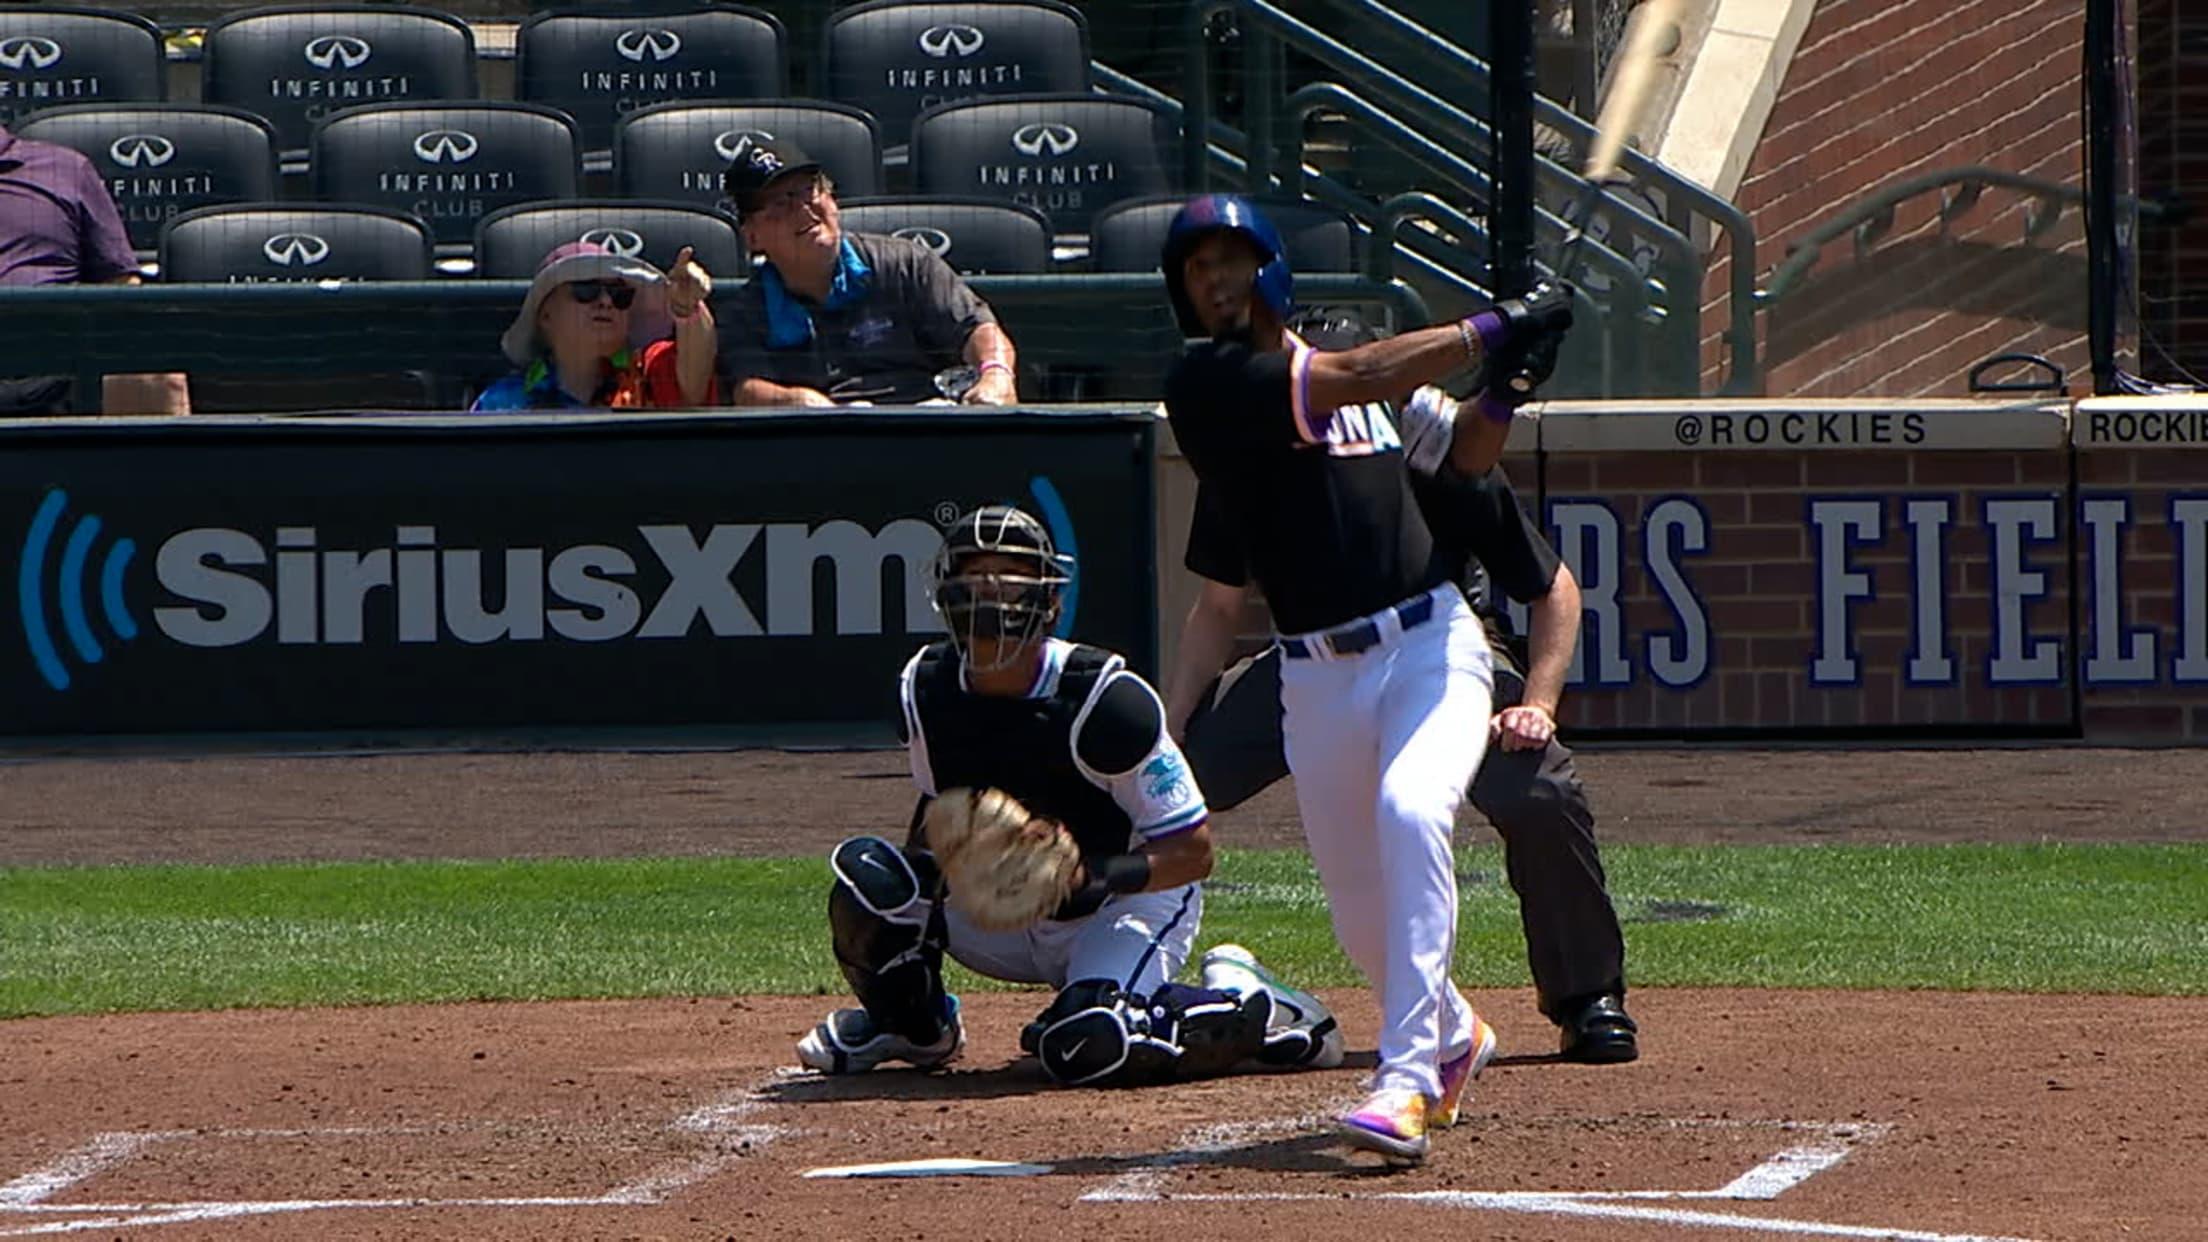 Brennen Davis' solo home run